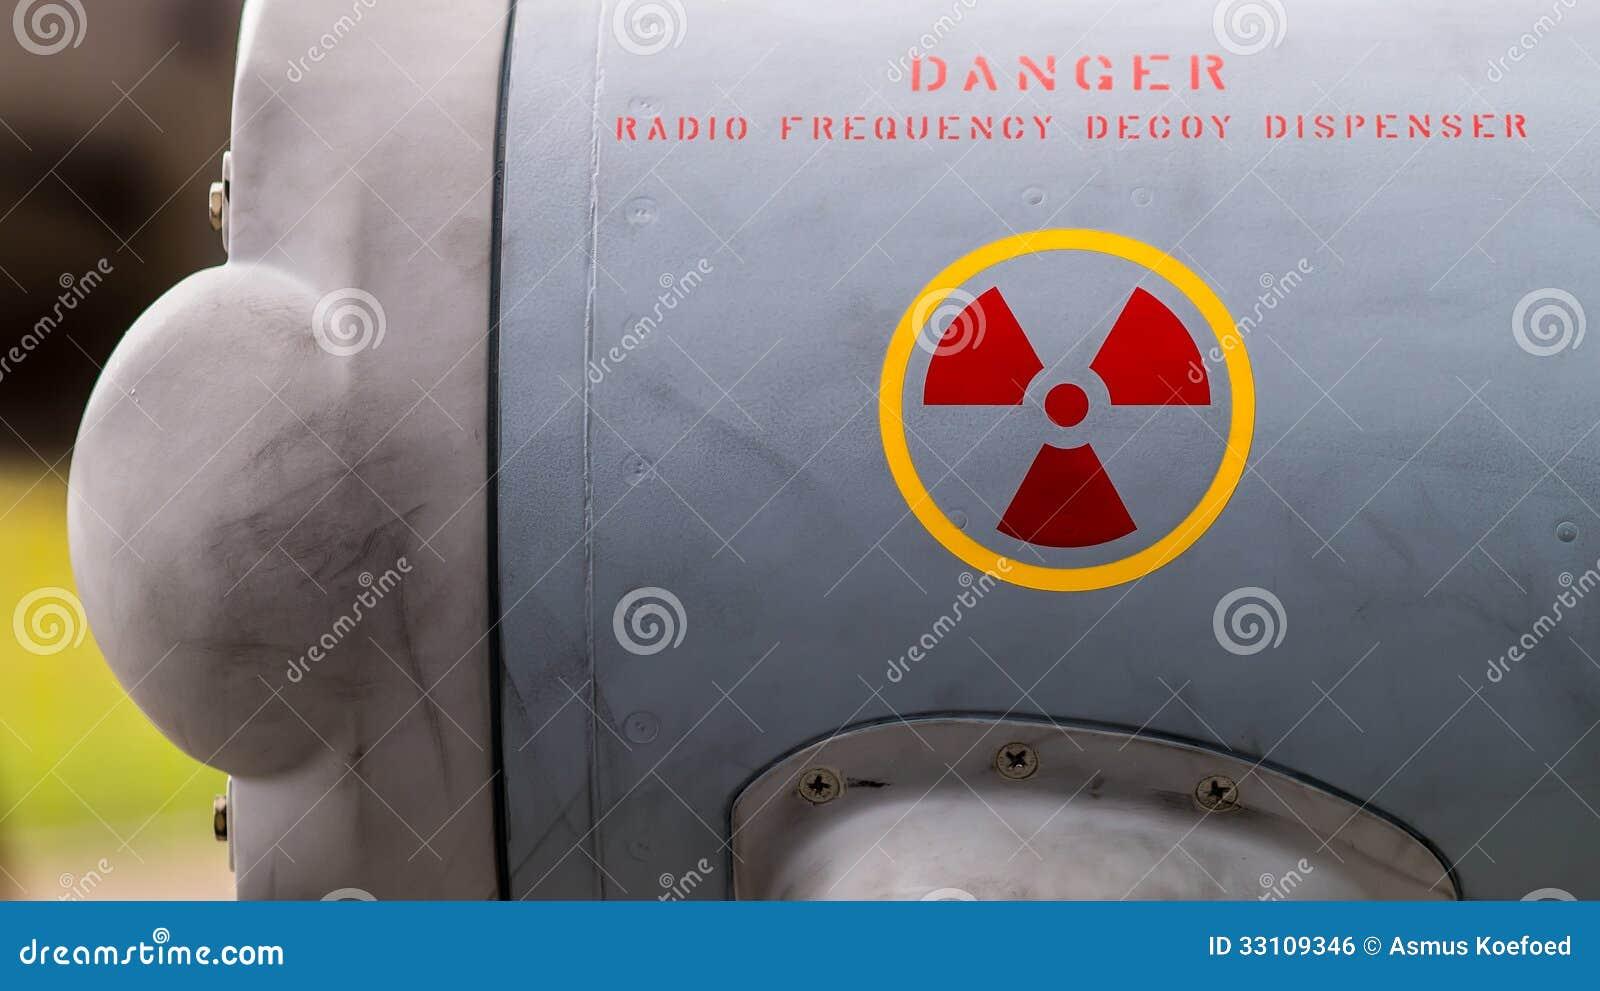 Radio Radiation Danger Sign Stock Photo - Image of symbols, decoy